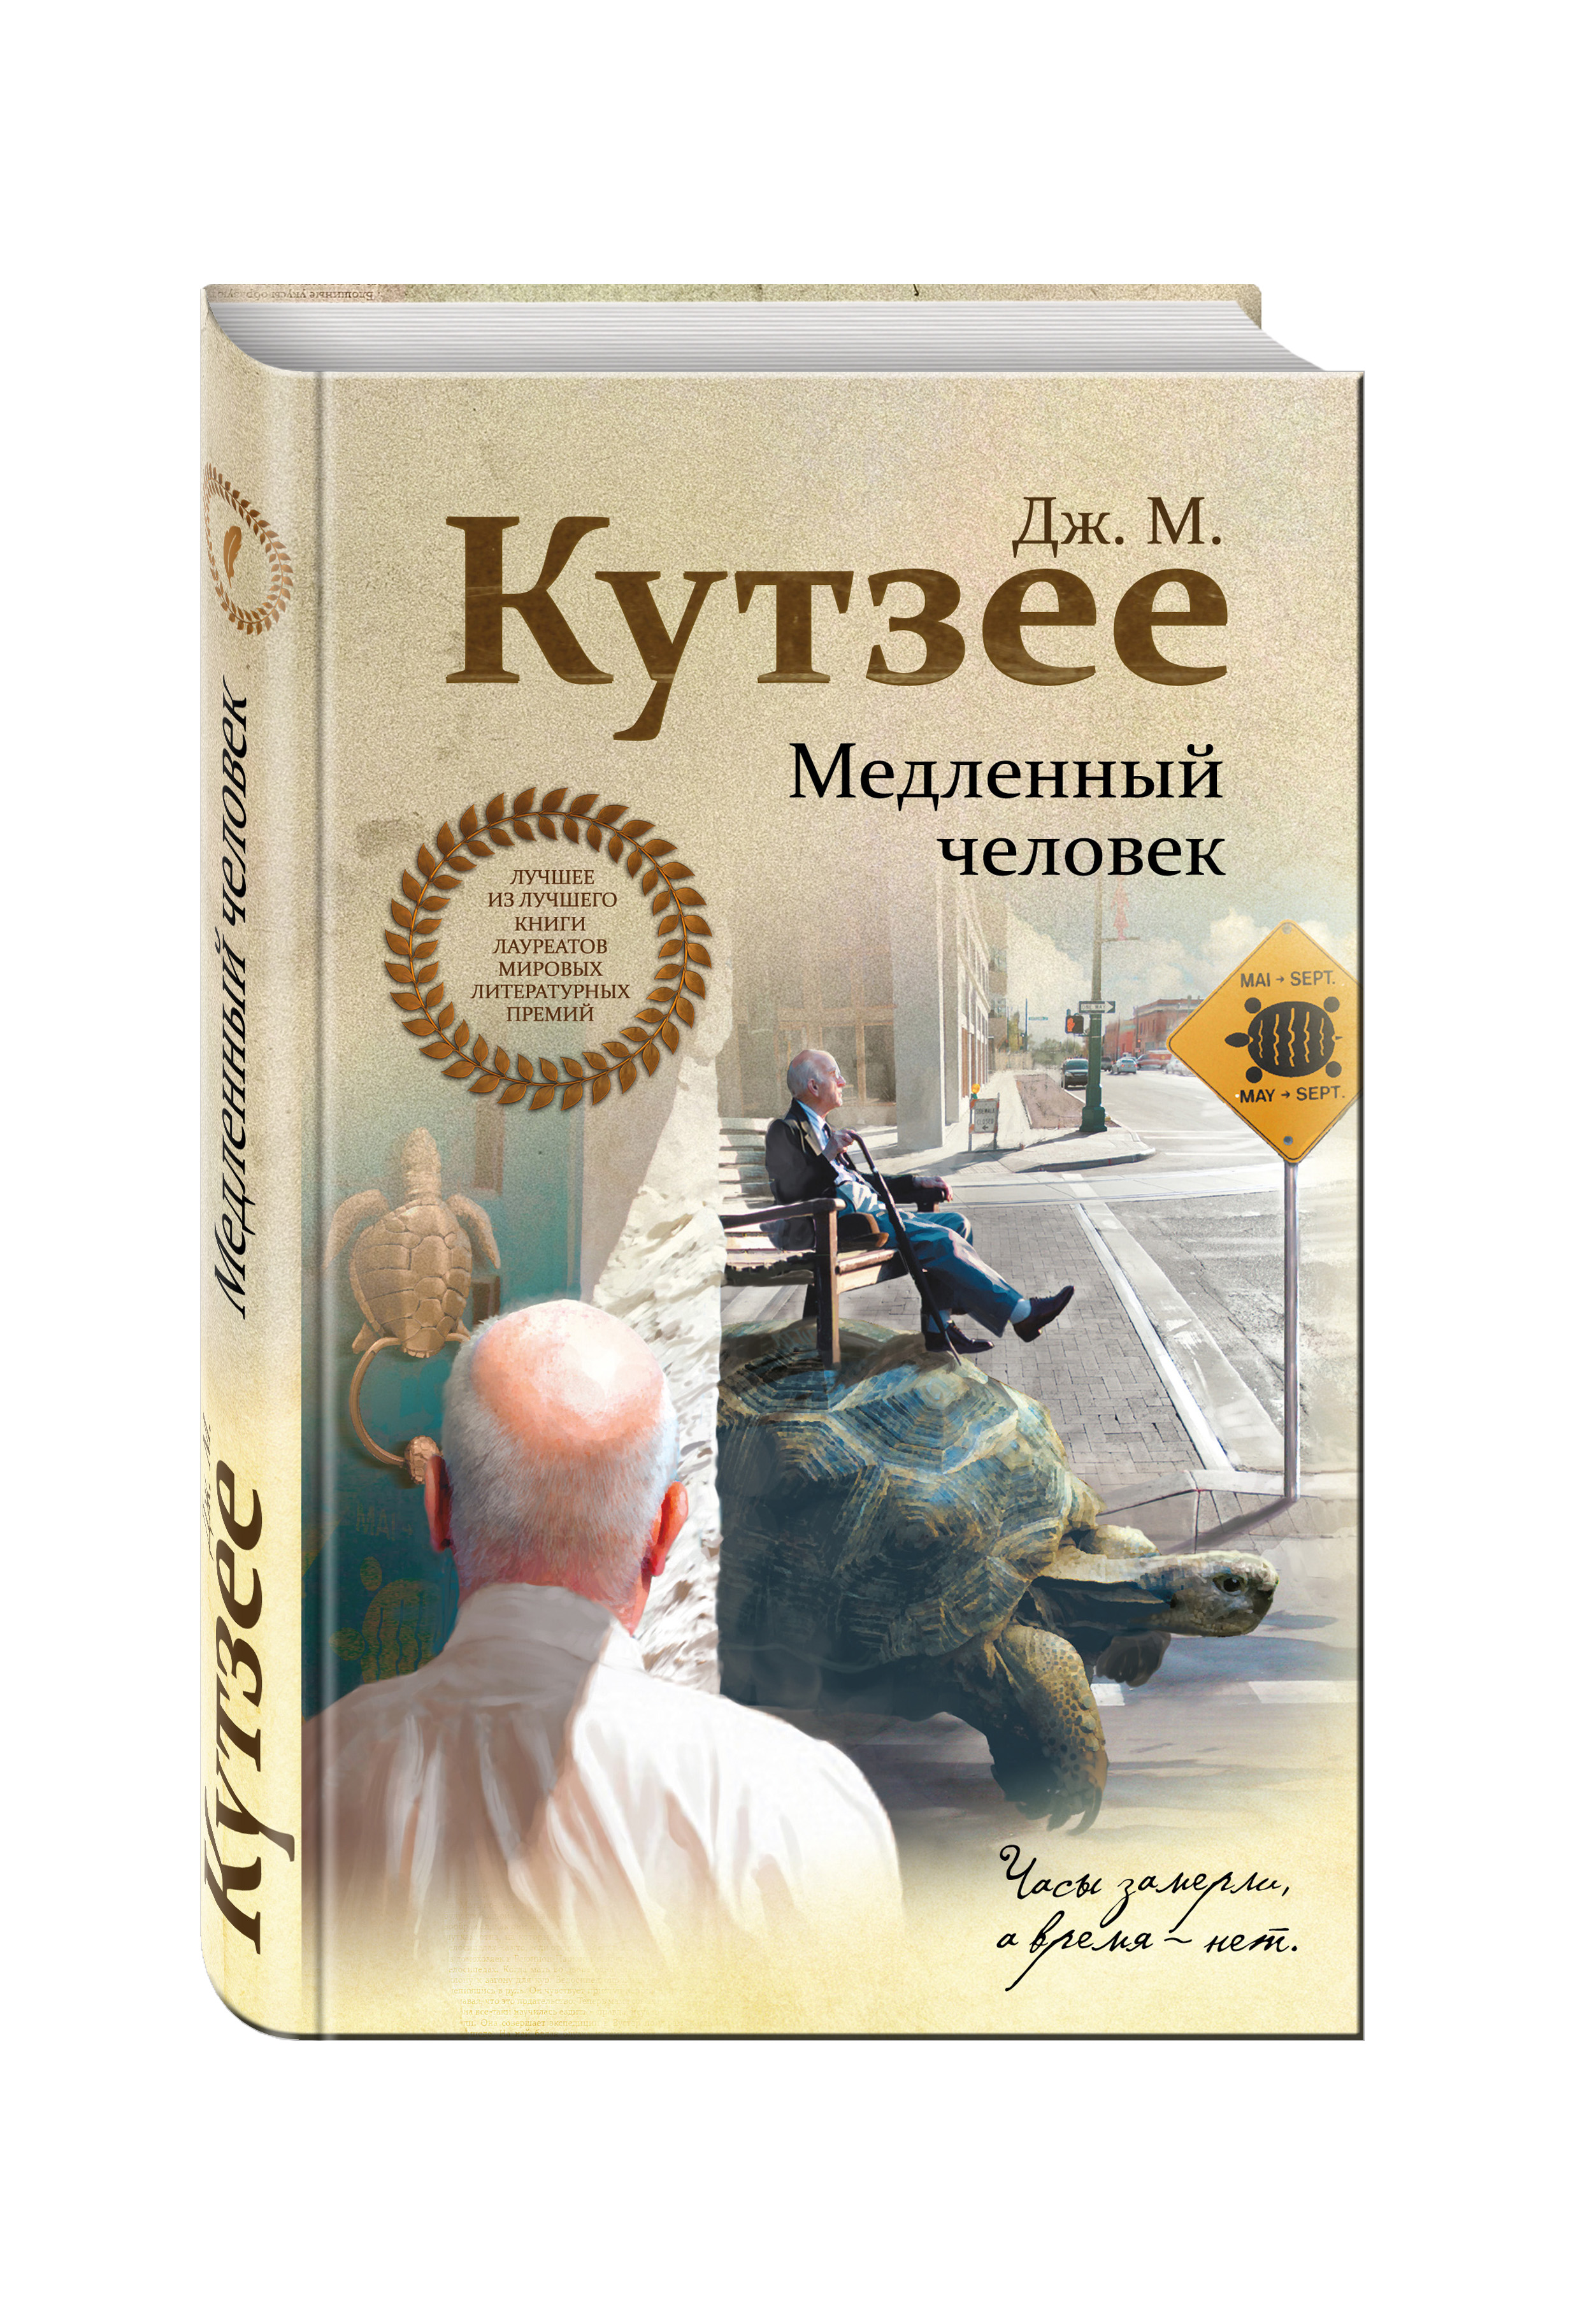 Кутзее Дж.М. Медленный человек шу л радуга м энергетическое строение человека загадки человека сверхвозможности человека комплект из 3 книг